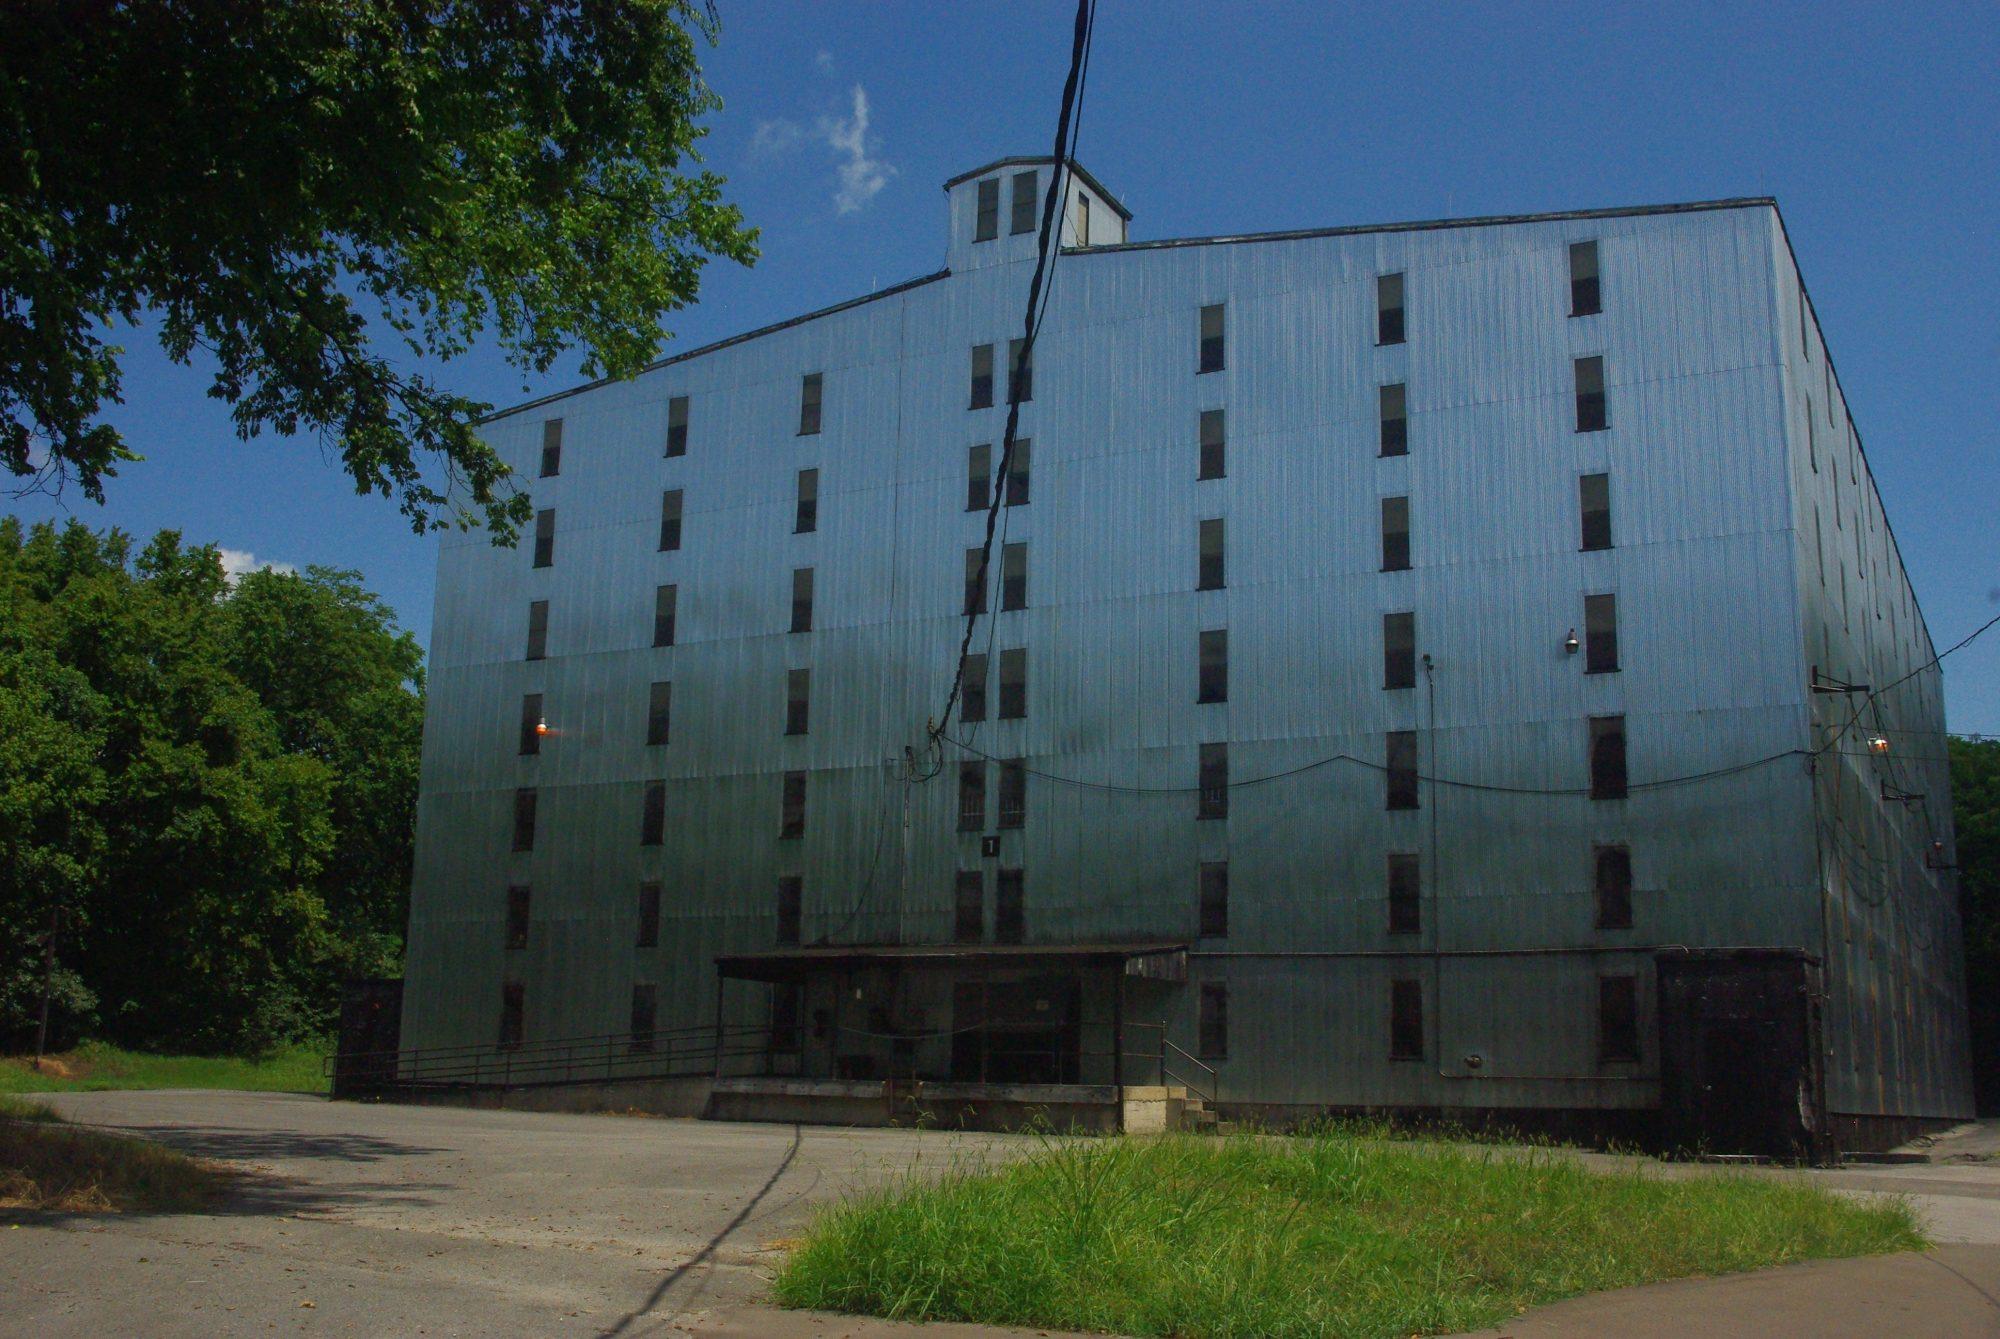 """Le barrelhouse, lieu de vieillissement du whiskey (7 ans). Ce bâtiment contient plus de 3 millions de litres du fameux breuvage. On distingue 4 niveaux. Les 2 supérieurs sont pour les single barrels (tonneaux uniques), l'étage en dessous est pour la qualité """"Gentleman Jack"""") puis le bas pour le whisky plus classique."""